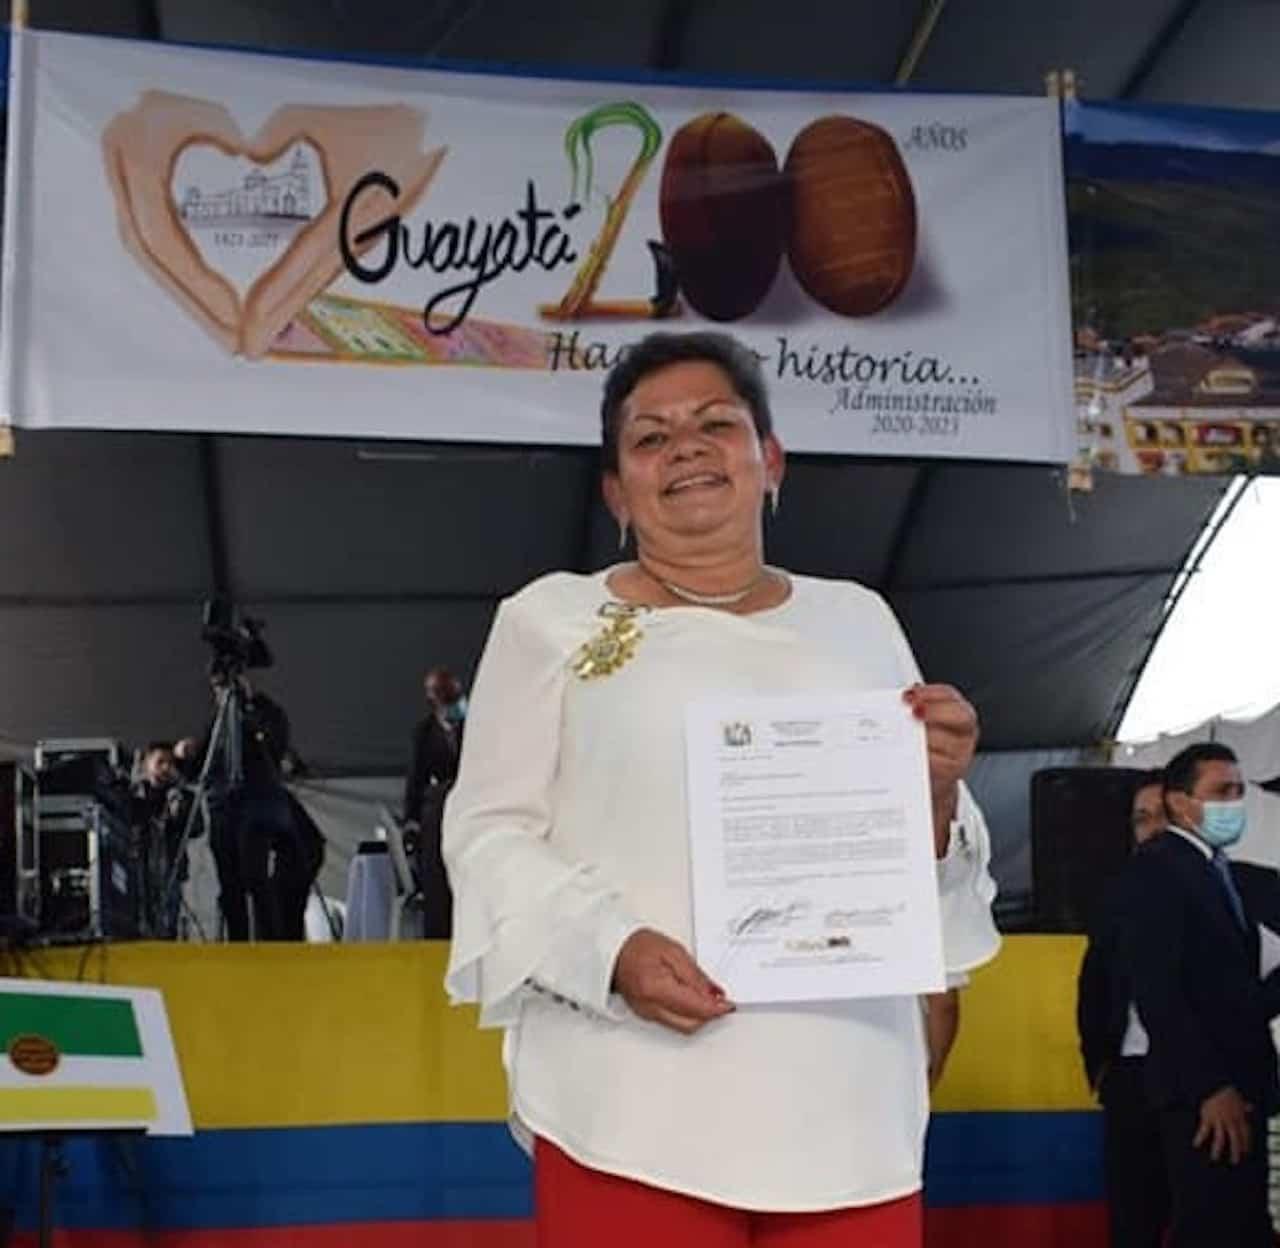 Guayatá exaltó a sus máximos líderes 2